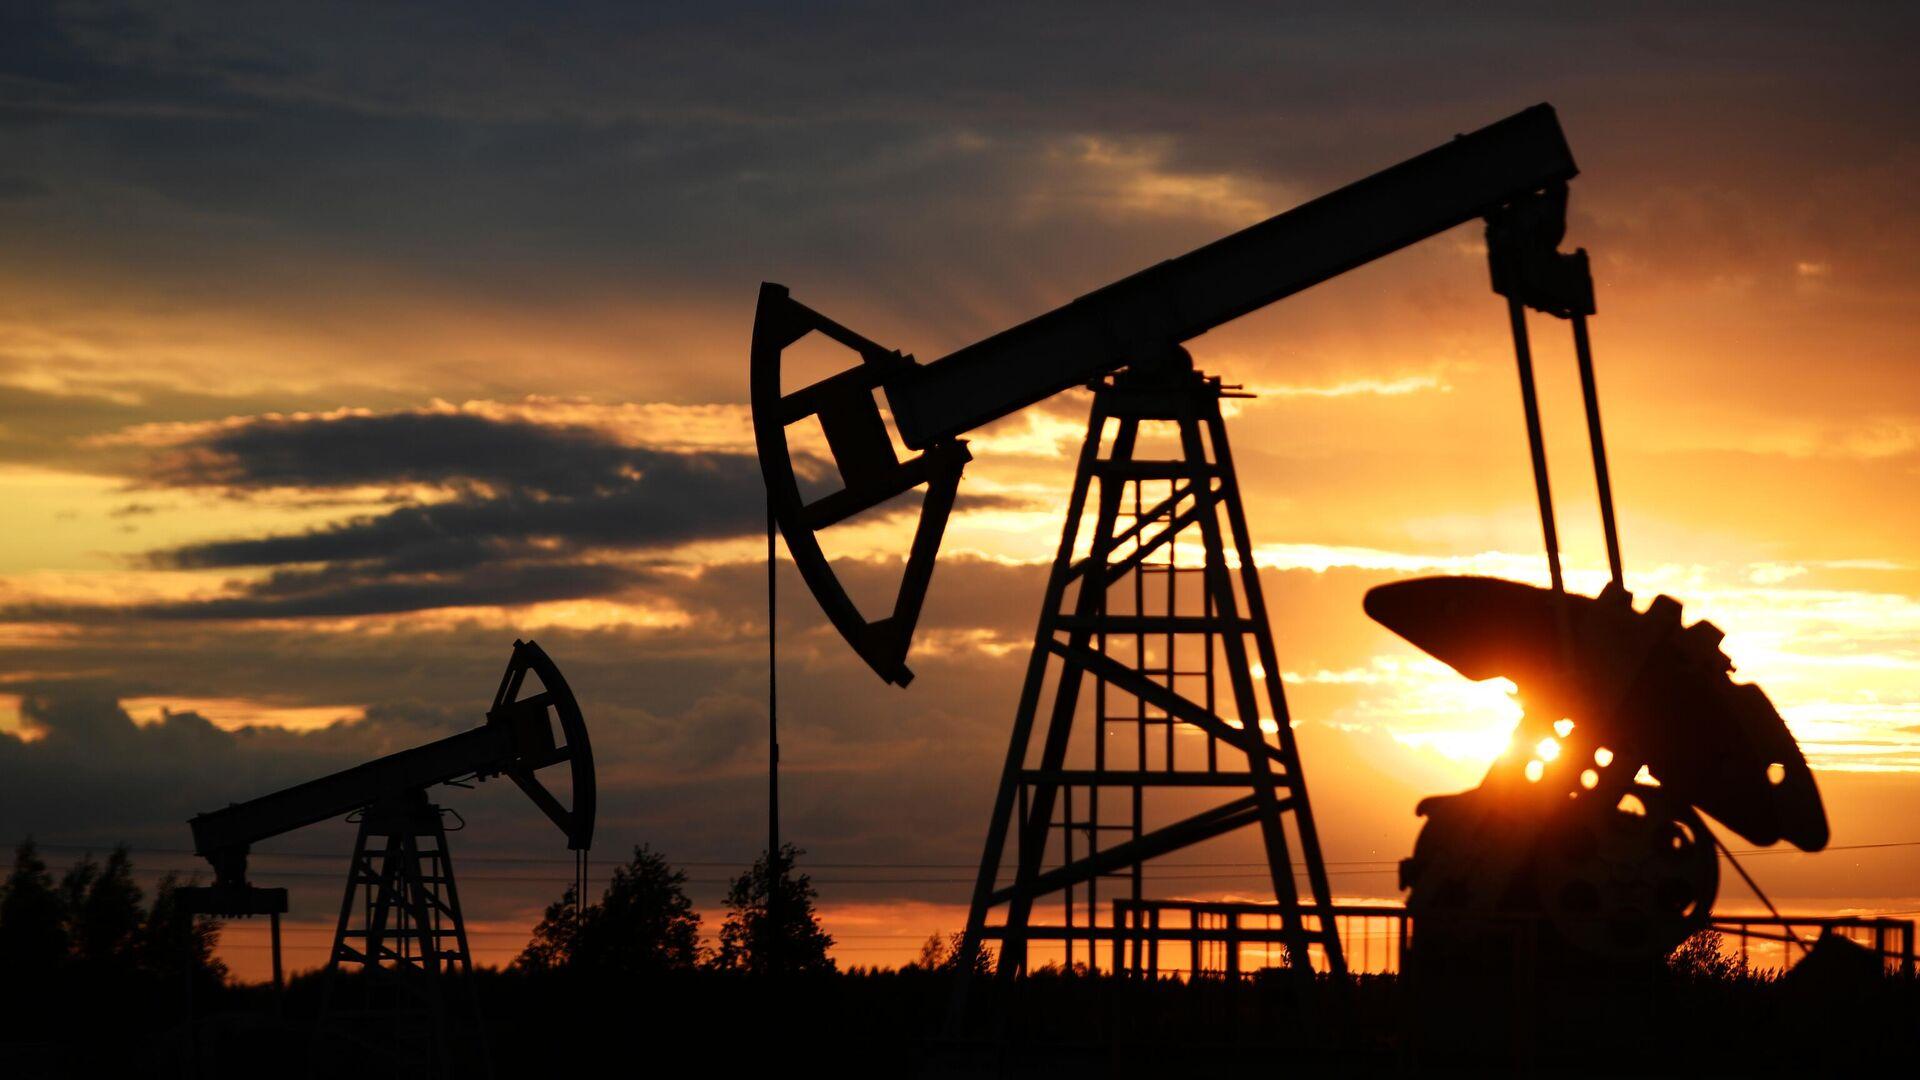 Нефтедобывающим странам предрекли проблемы из-за Байдена